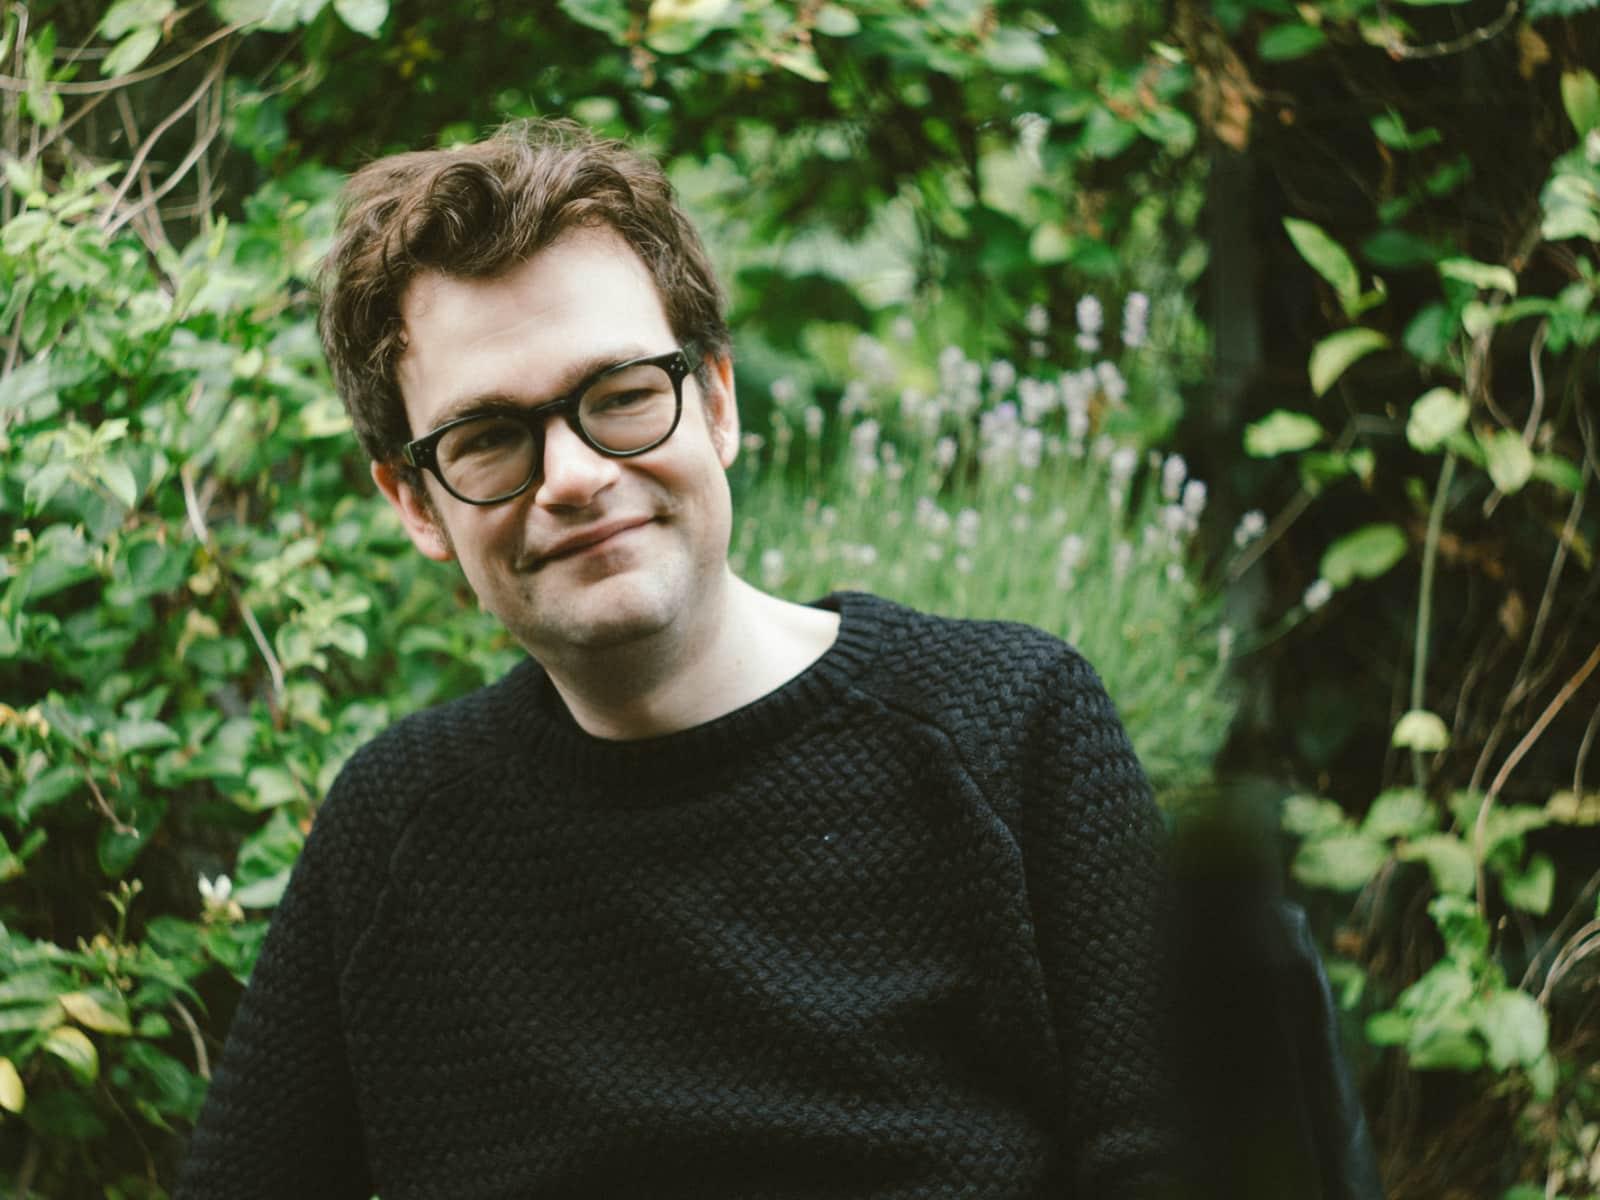 Stefan from London, United Kingdom